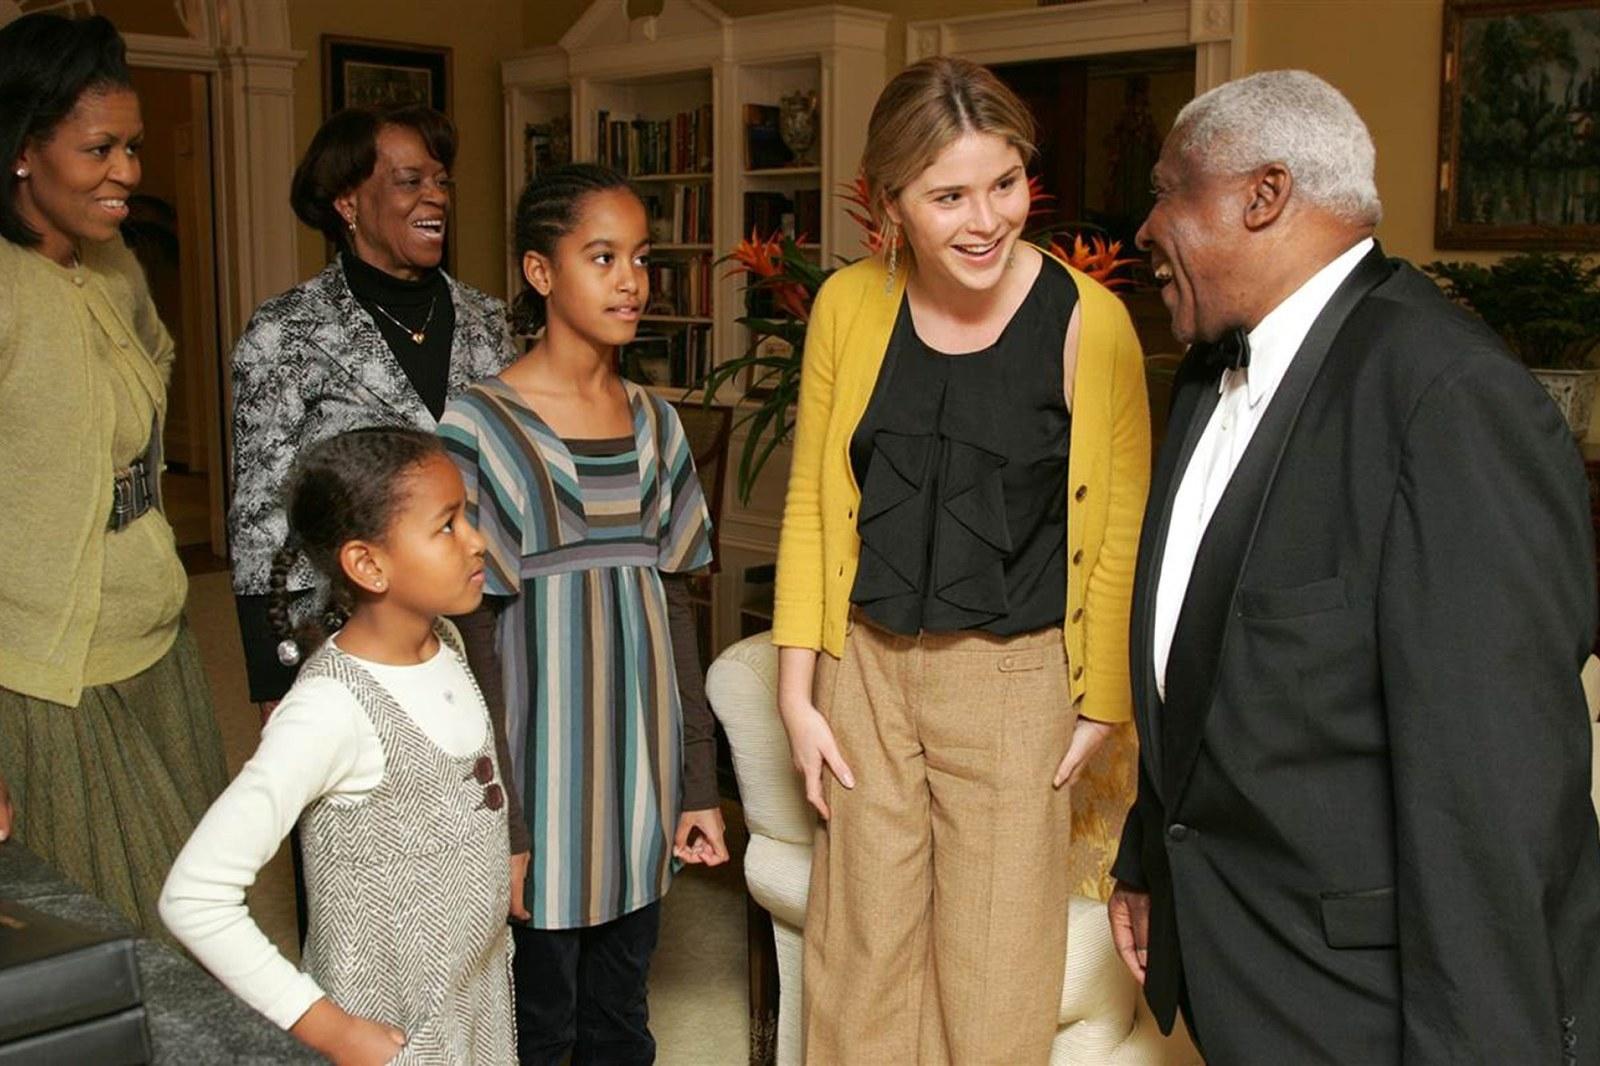 オバマ大統領の娘たちマリアとサーシャへ。ブッシュ元大統領の娘たちが ...